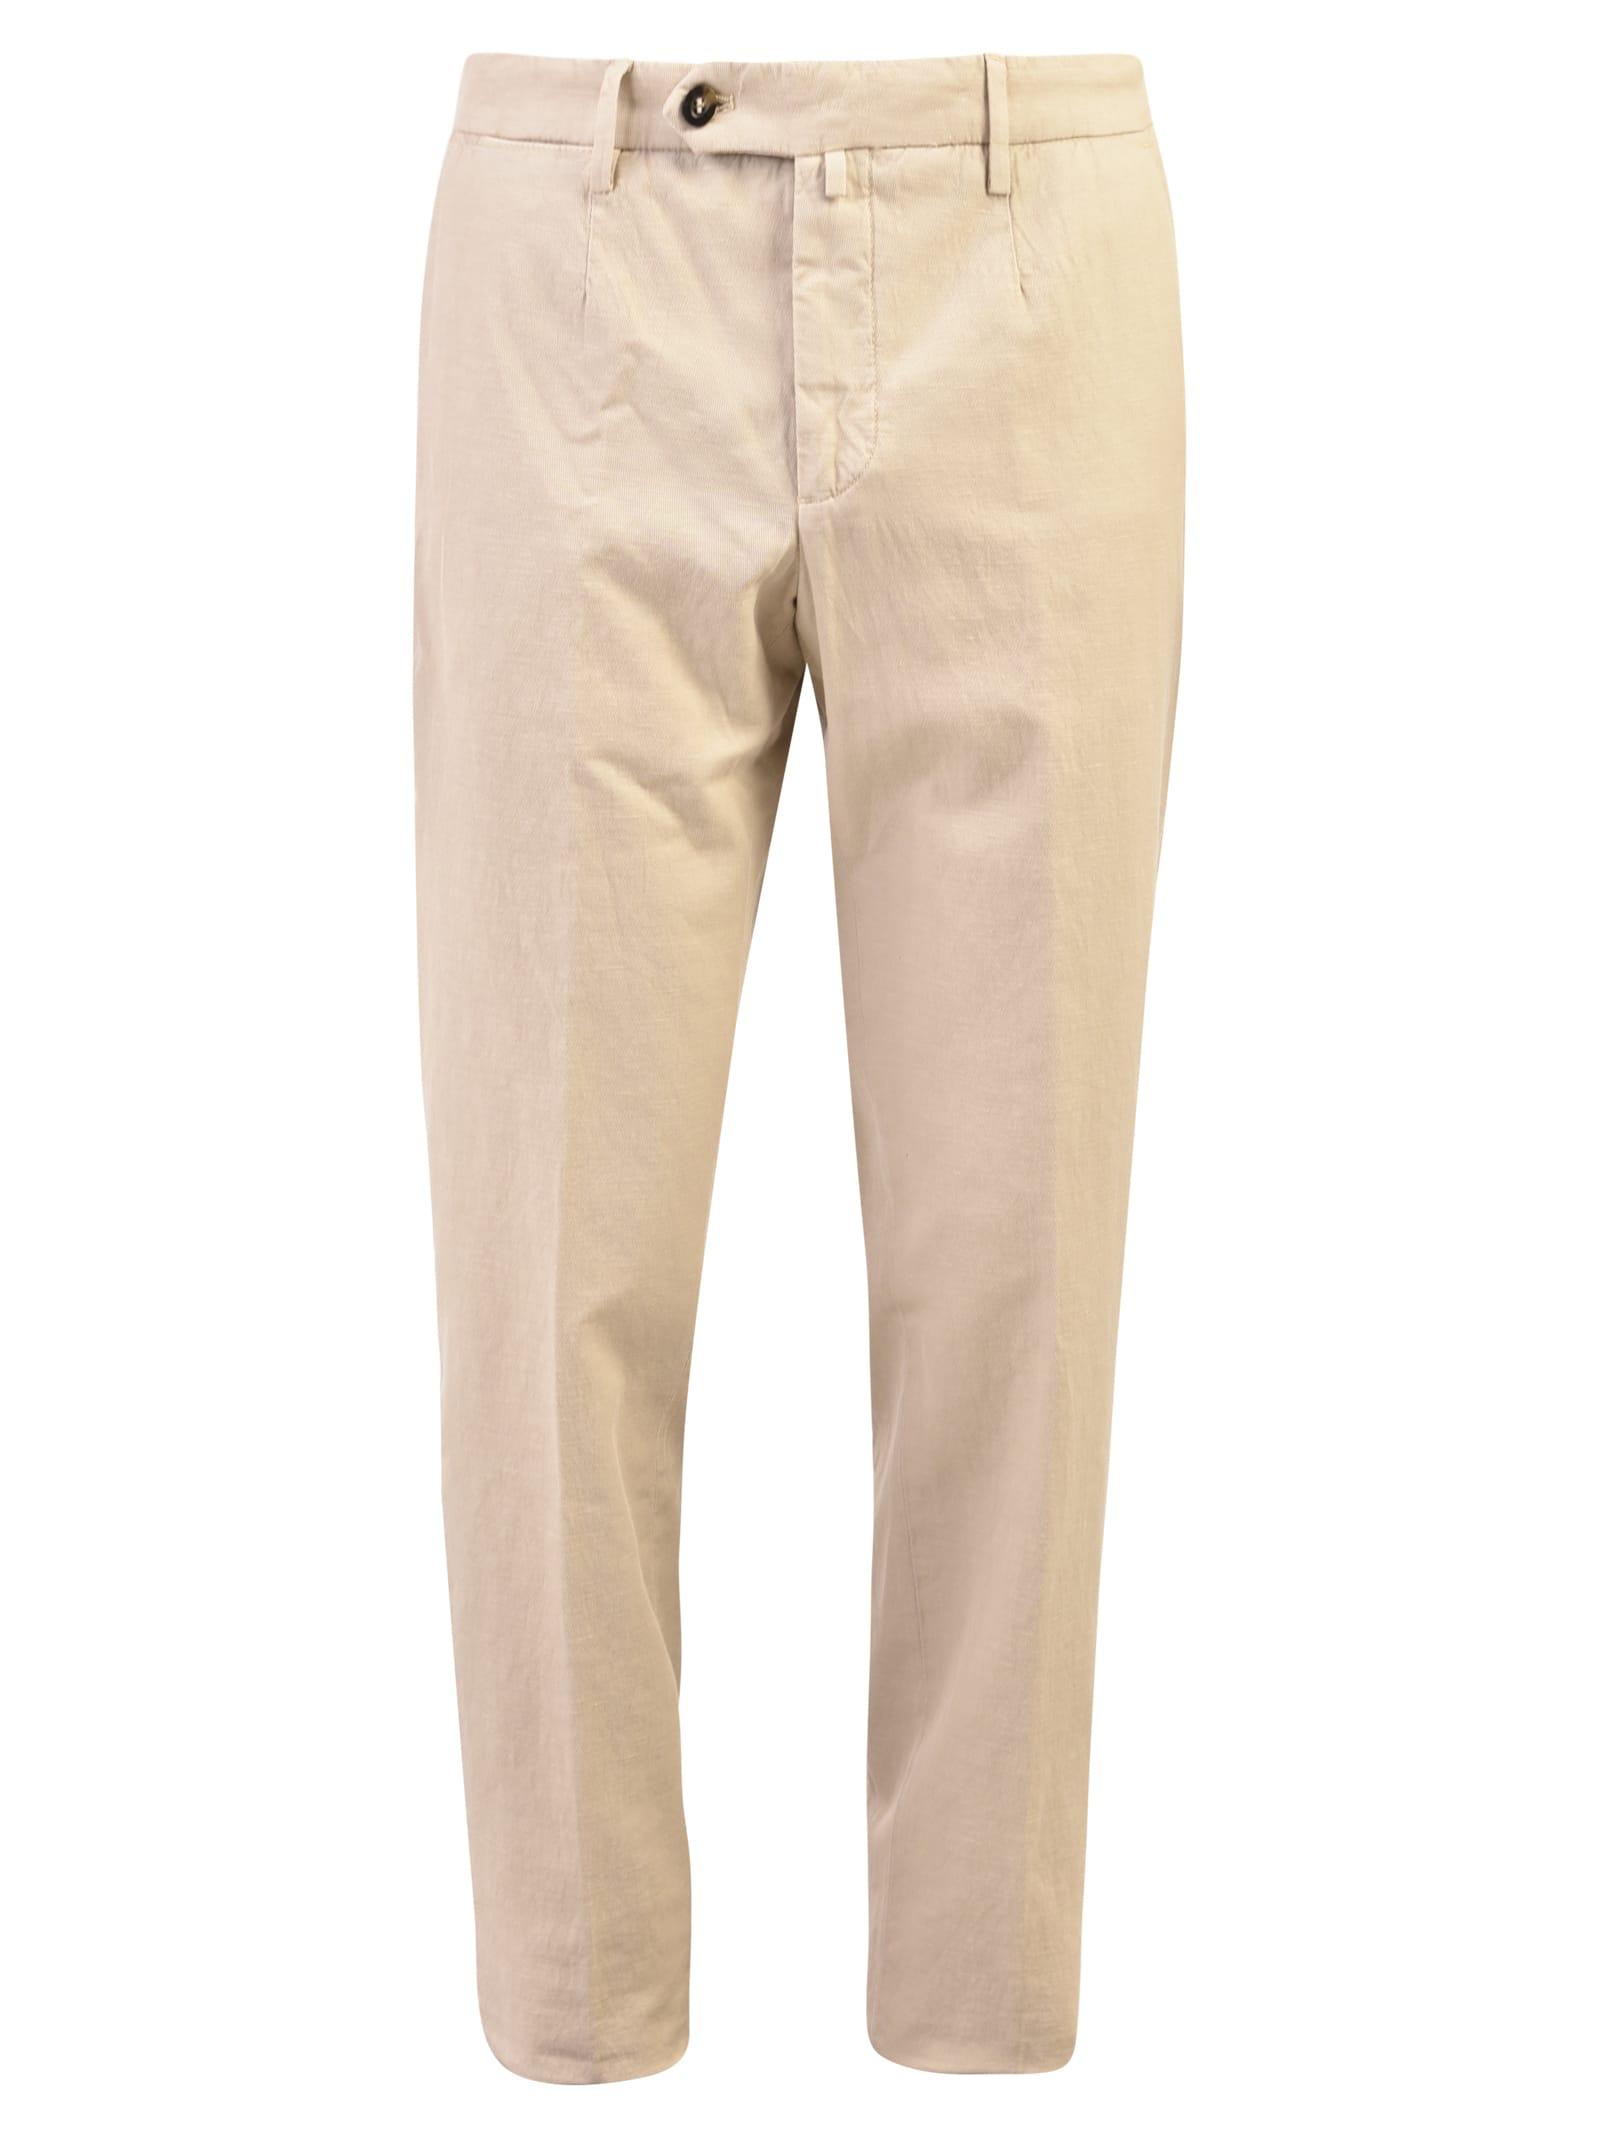 1949 Beige Trousers